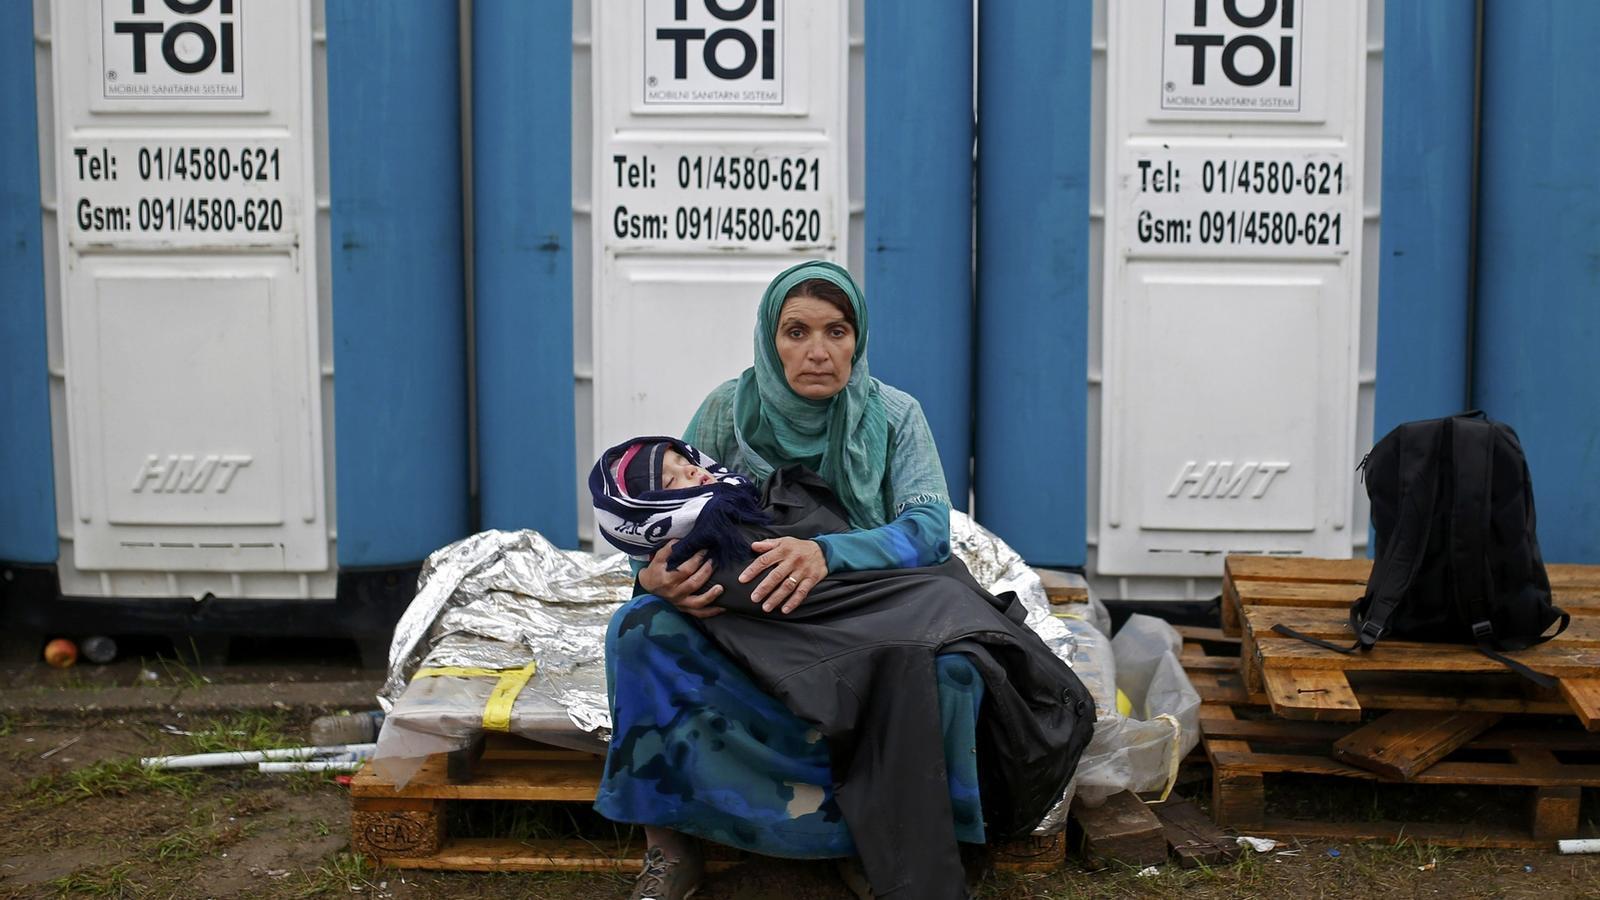 Una dona amb el seu nadó davant un lavabo portàtil a un camp de refugiats a Opatovac, Croàcia. DADO RUVIC / REUTERS